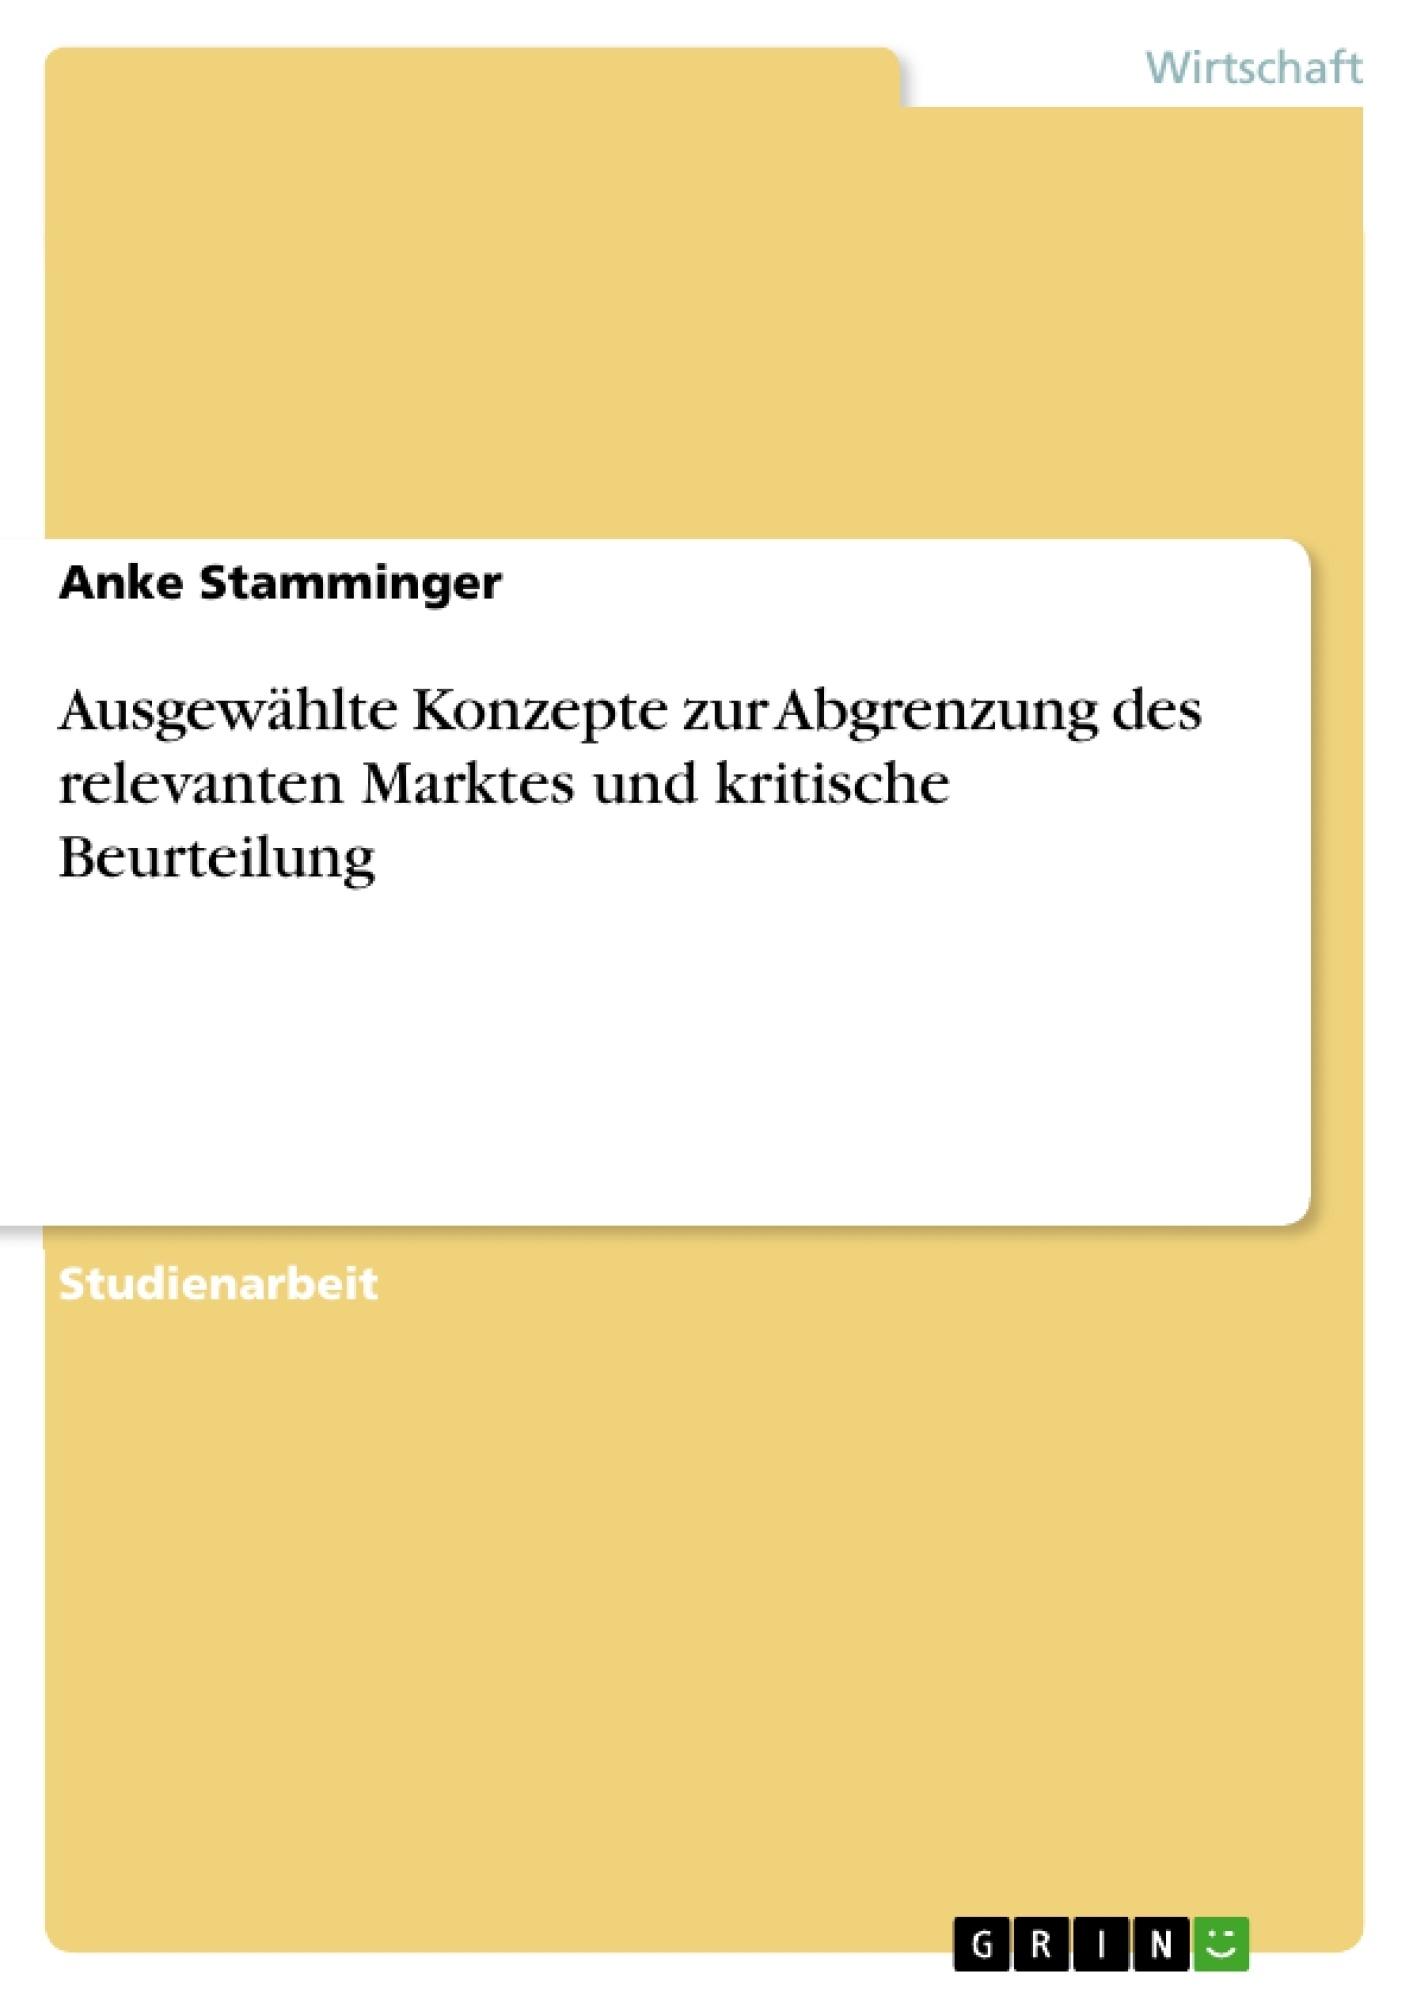 Titel: Ausgewählte Konzepte zur Abgrenzung des relevanten Marktes und kritische Beurteilung